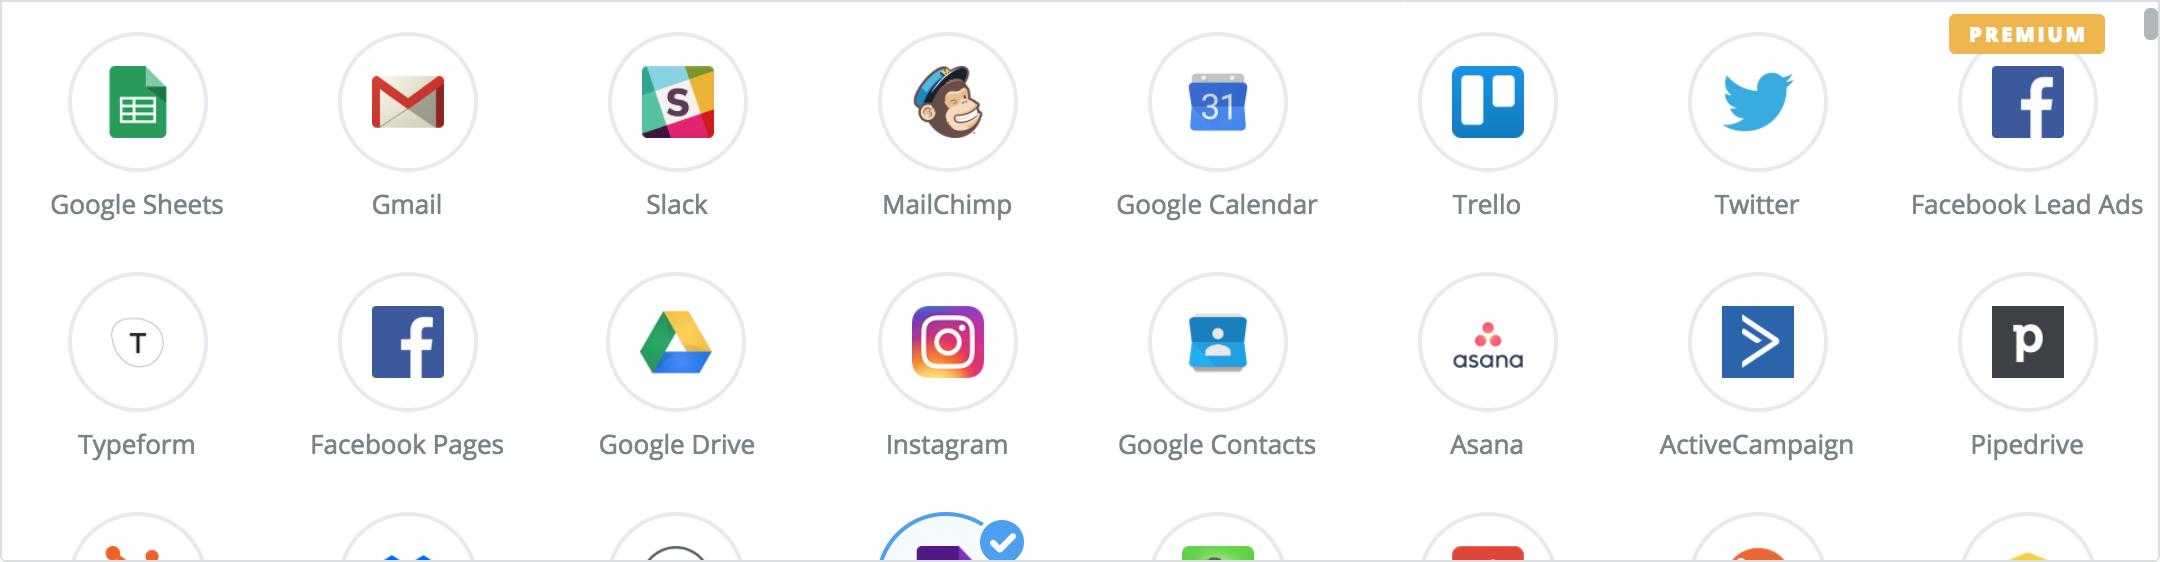 Zapier Popular Apps